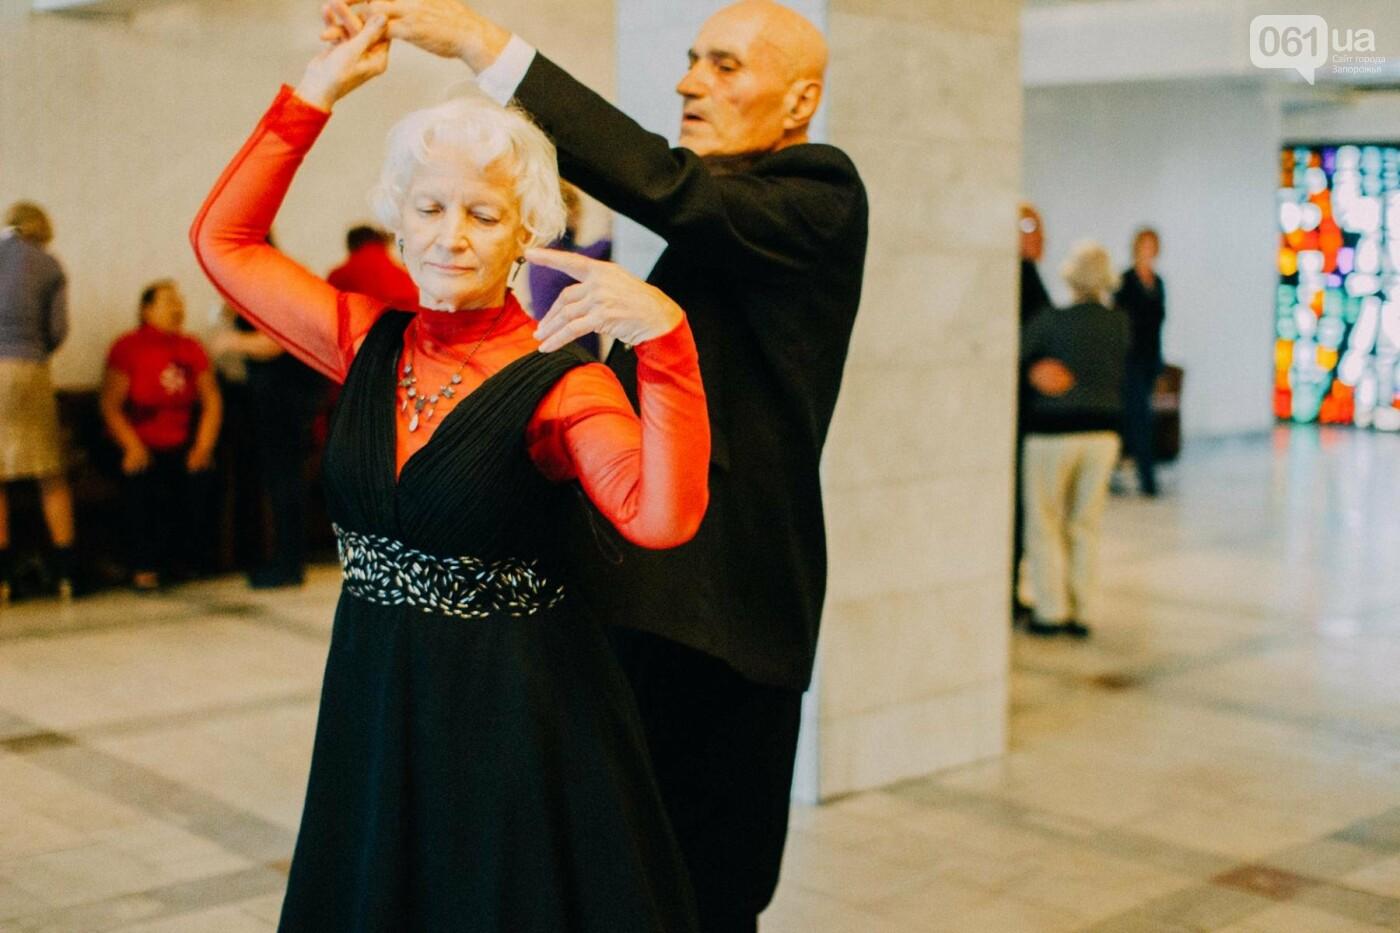 """""""Я ей сказал - до 90 лет будем танцевать!"""": как влюбленные запорожцы нашли друг друга благодаря танцам , фото-4"""